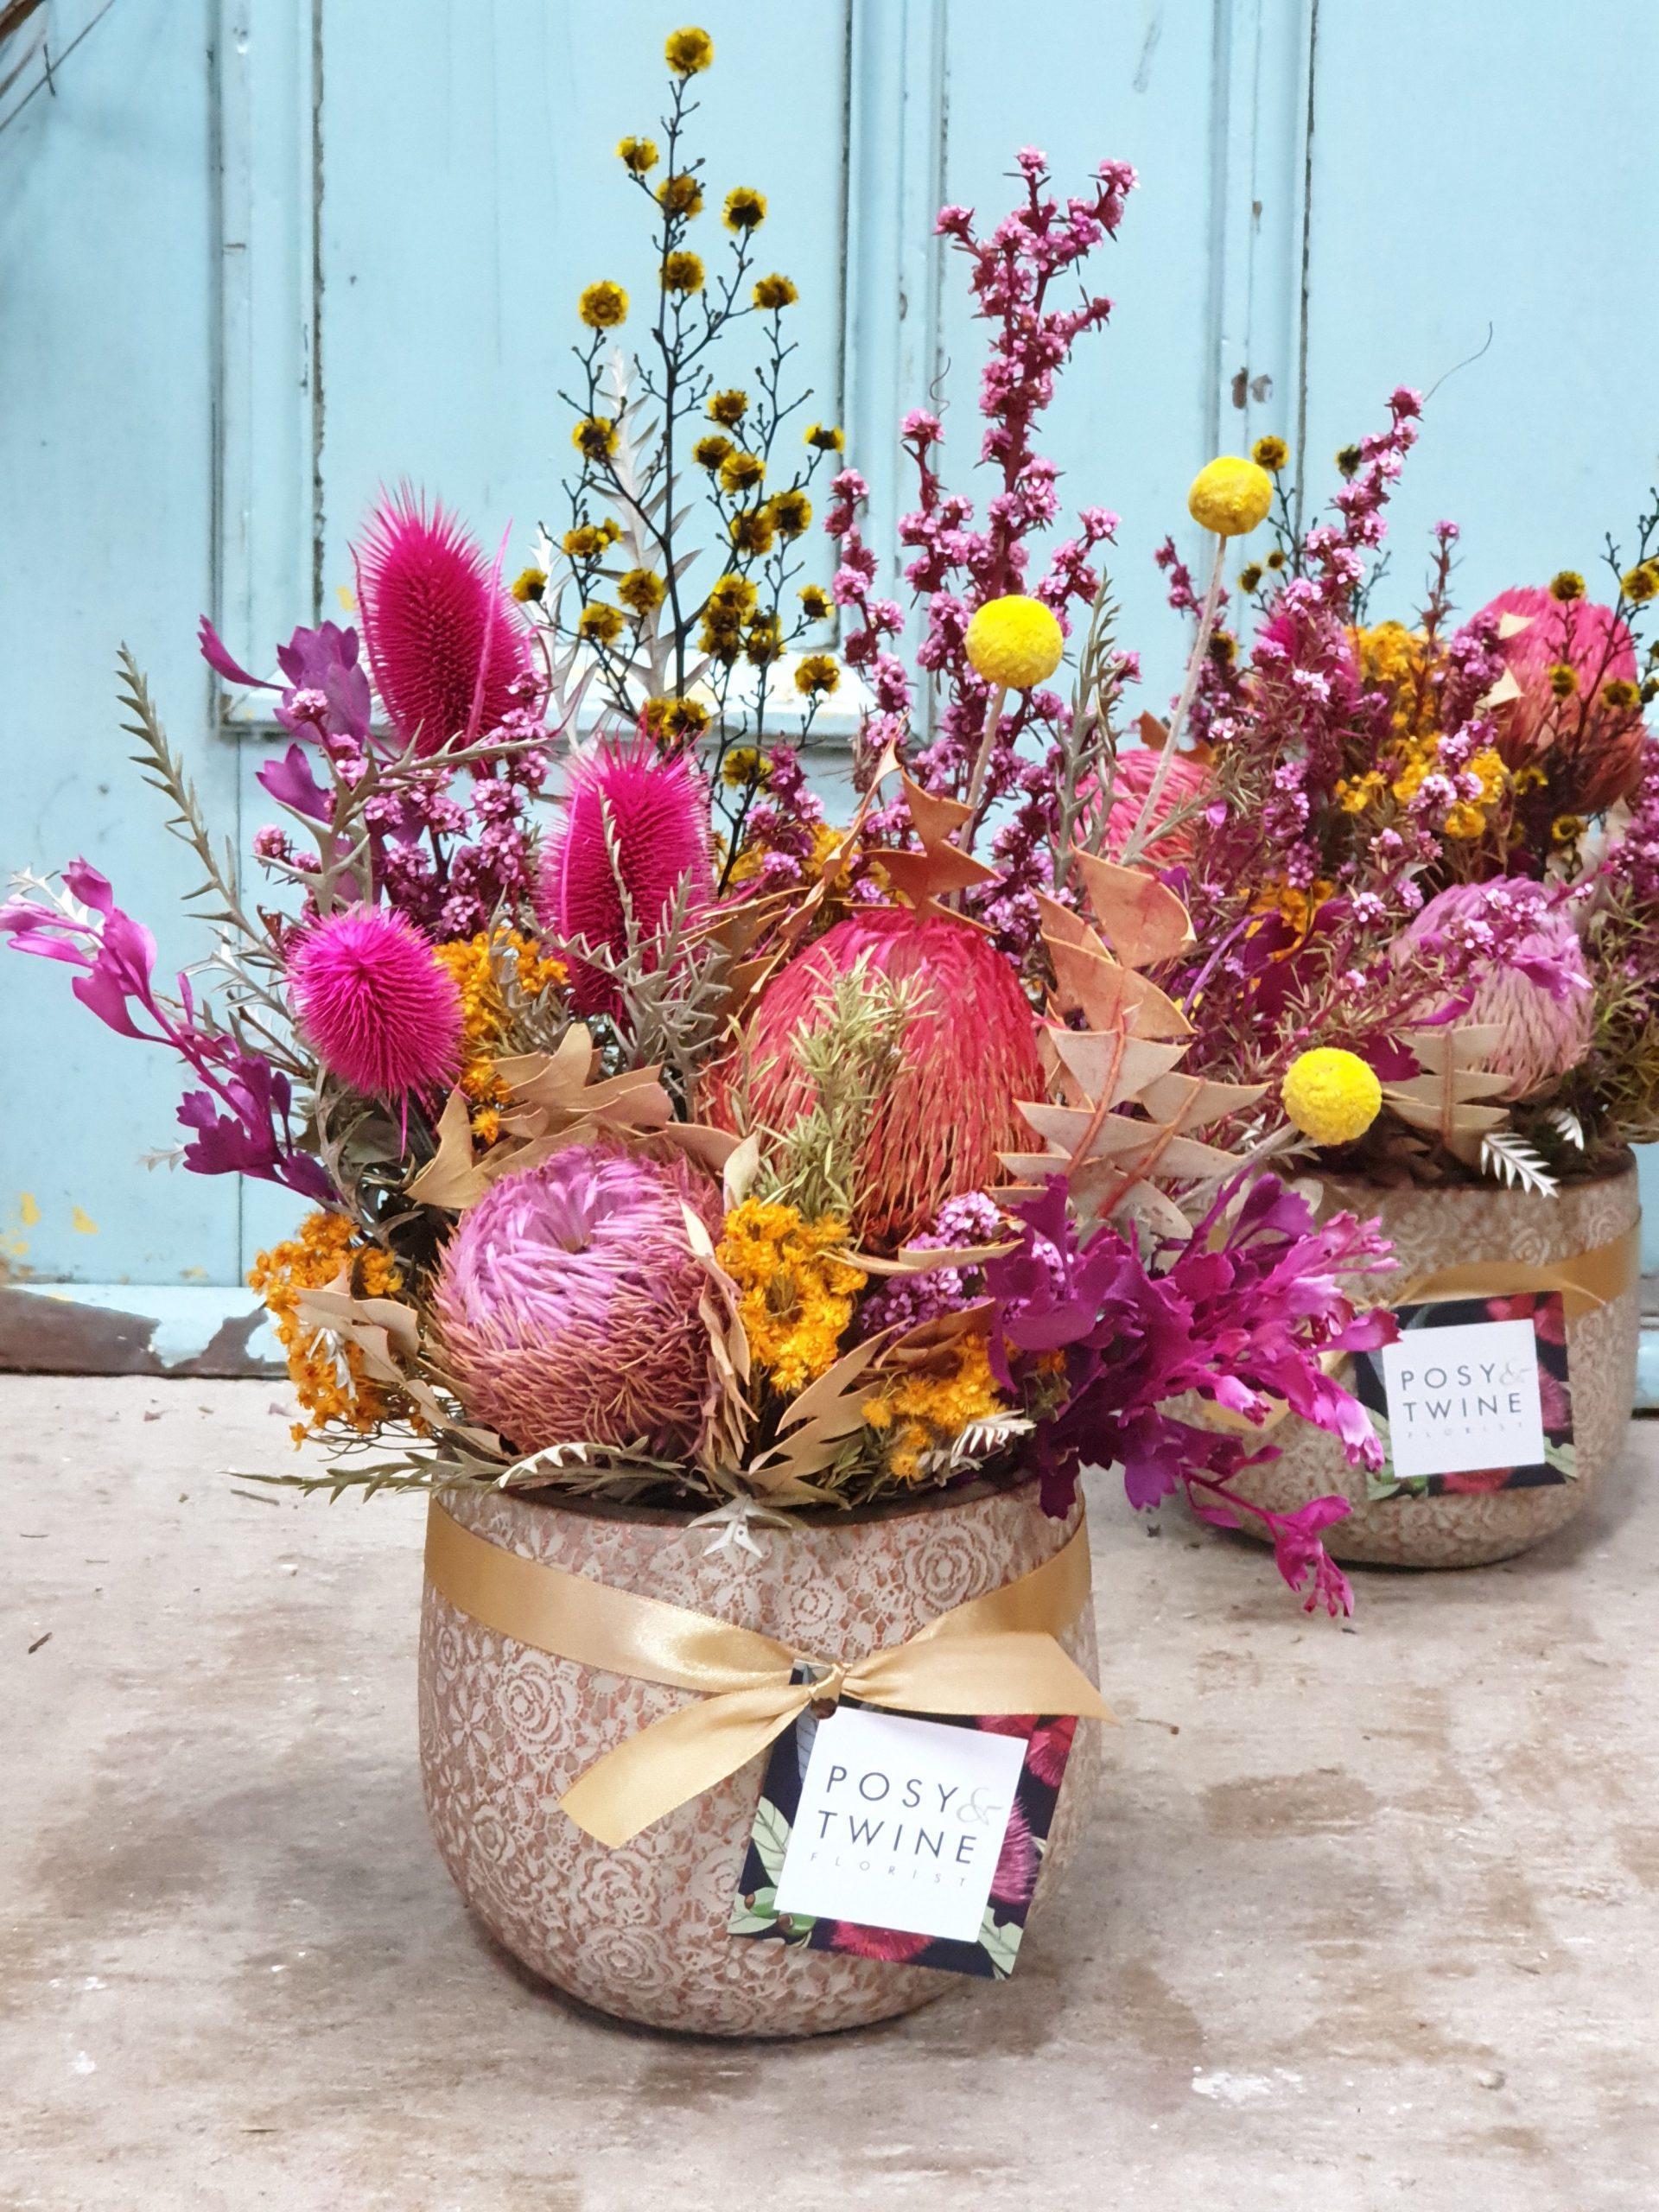 Happy Days Dried Flowers Posy Twine Florist Telopea Nsw 2117